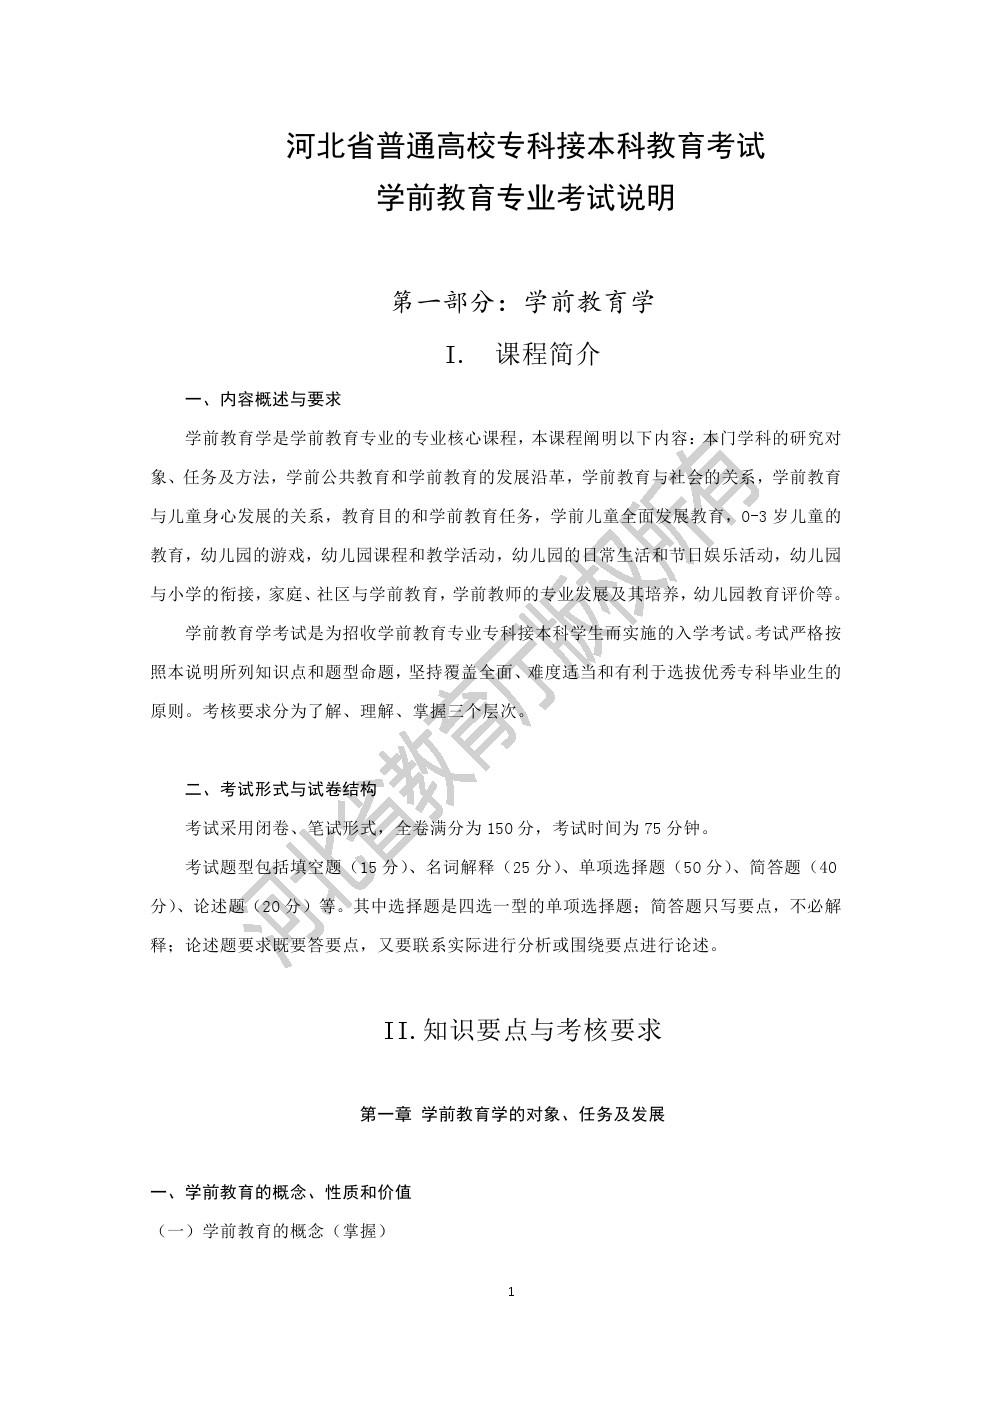 2020年河北省专接本考试文史类-学前教育专业考试说明(学前教育学、儿童发展心理学)